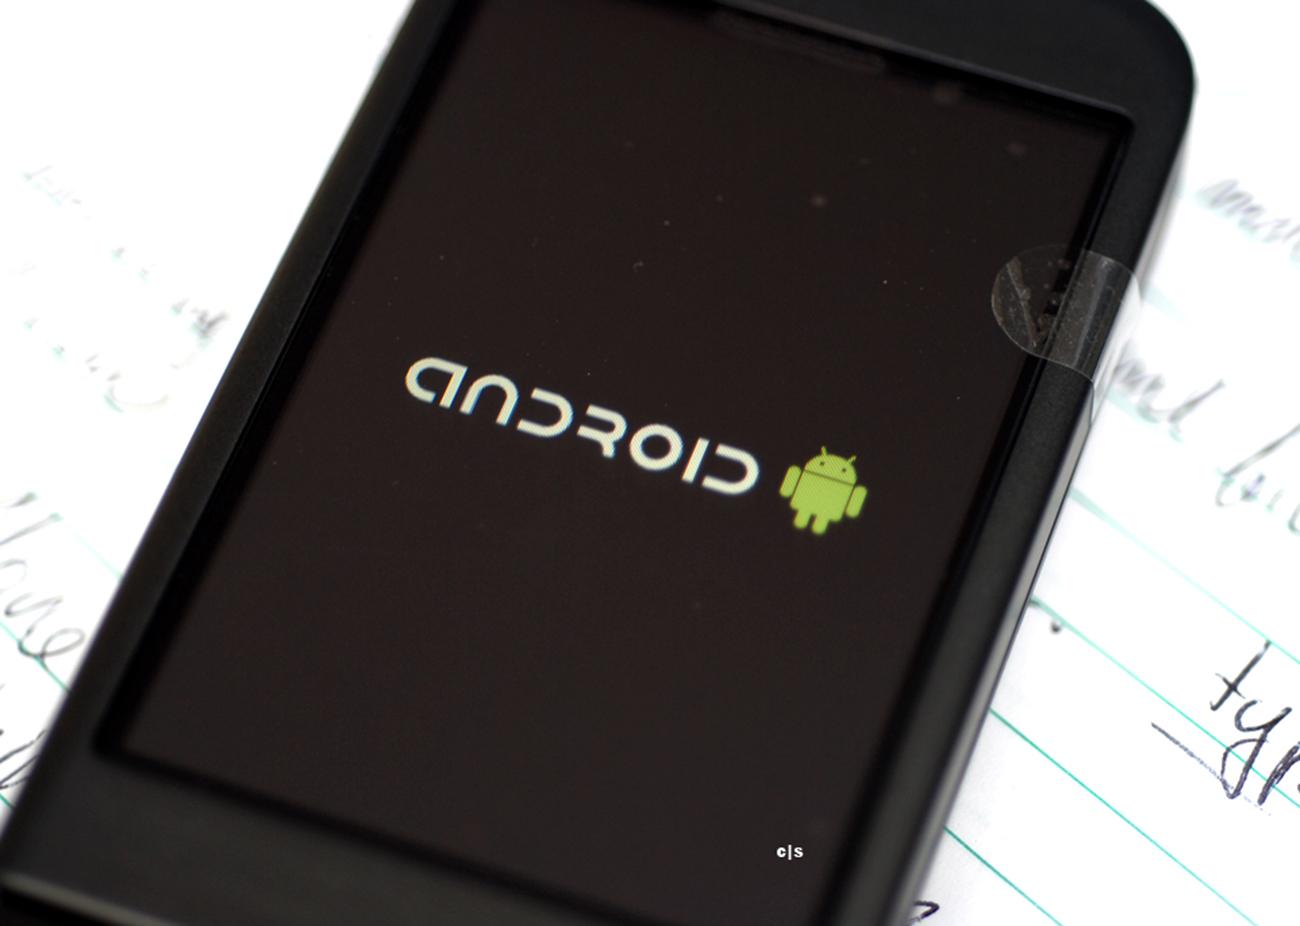 Descubierta una nueva vulnerabilidad en Android que afecta a todas sus versiones